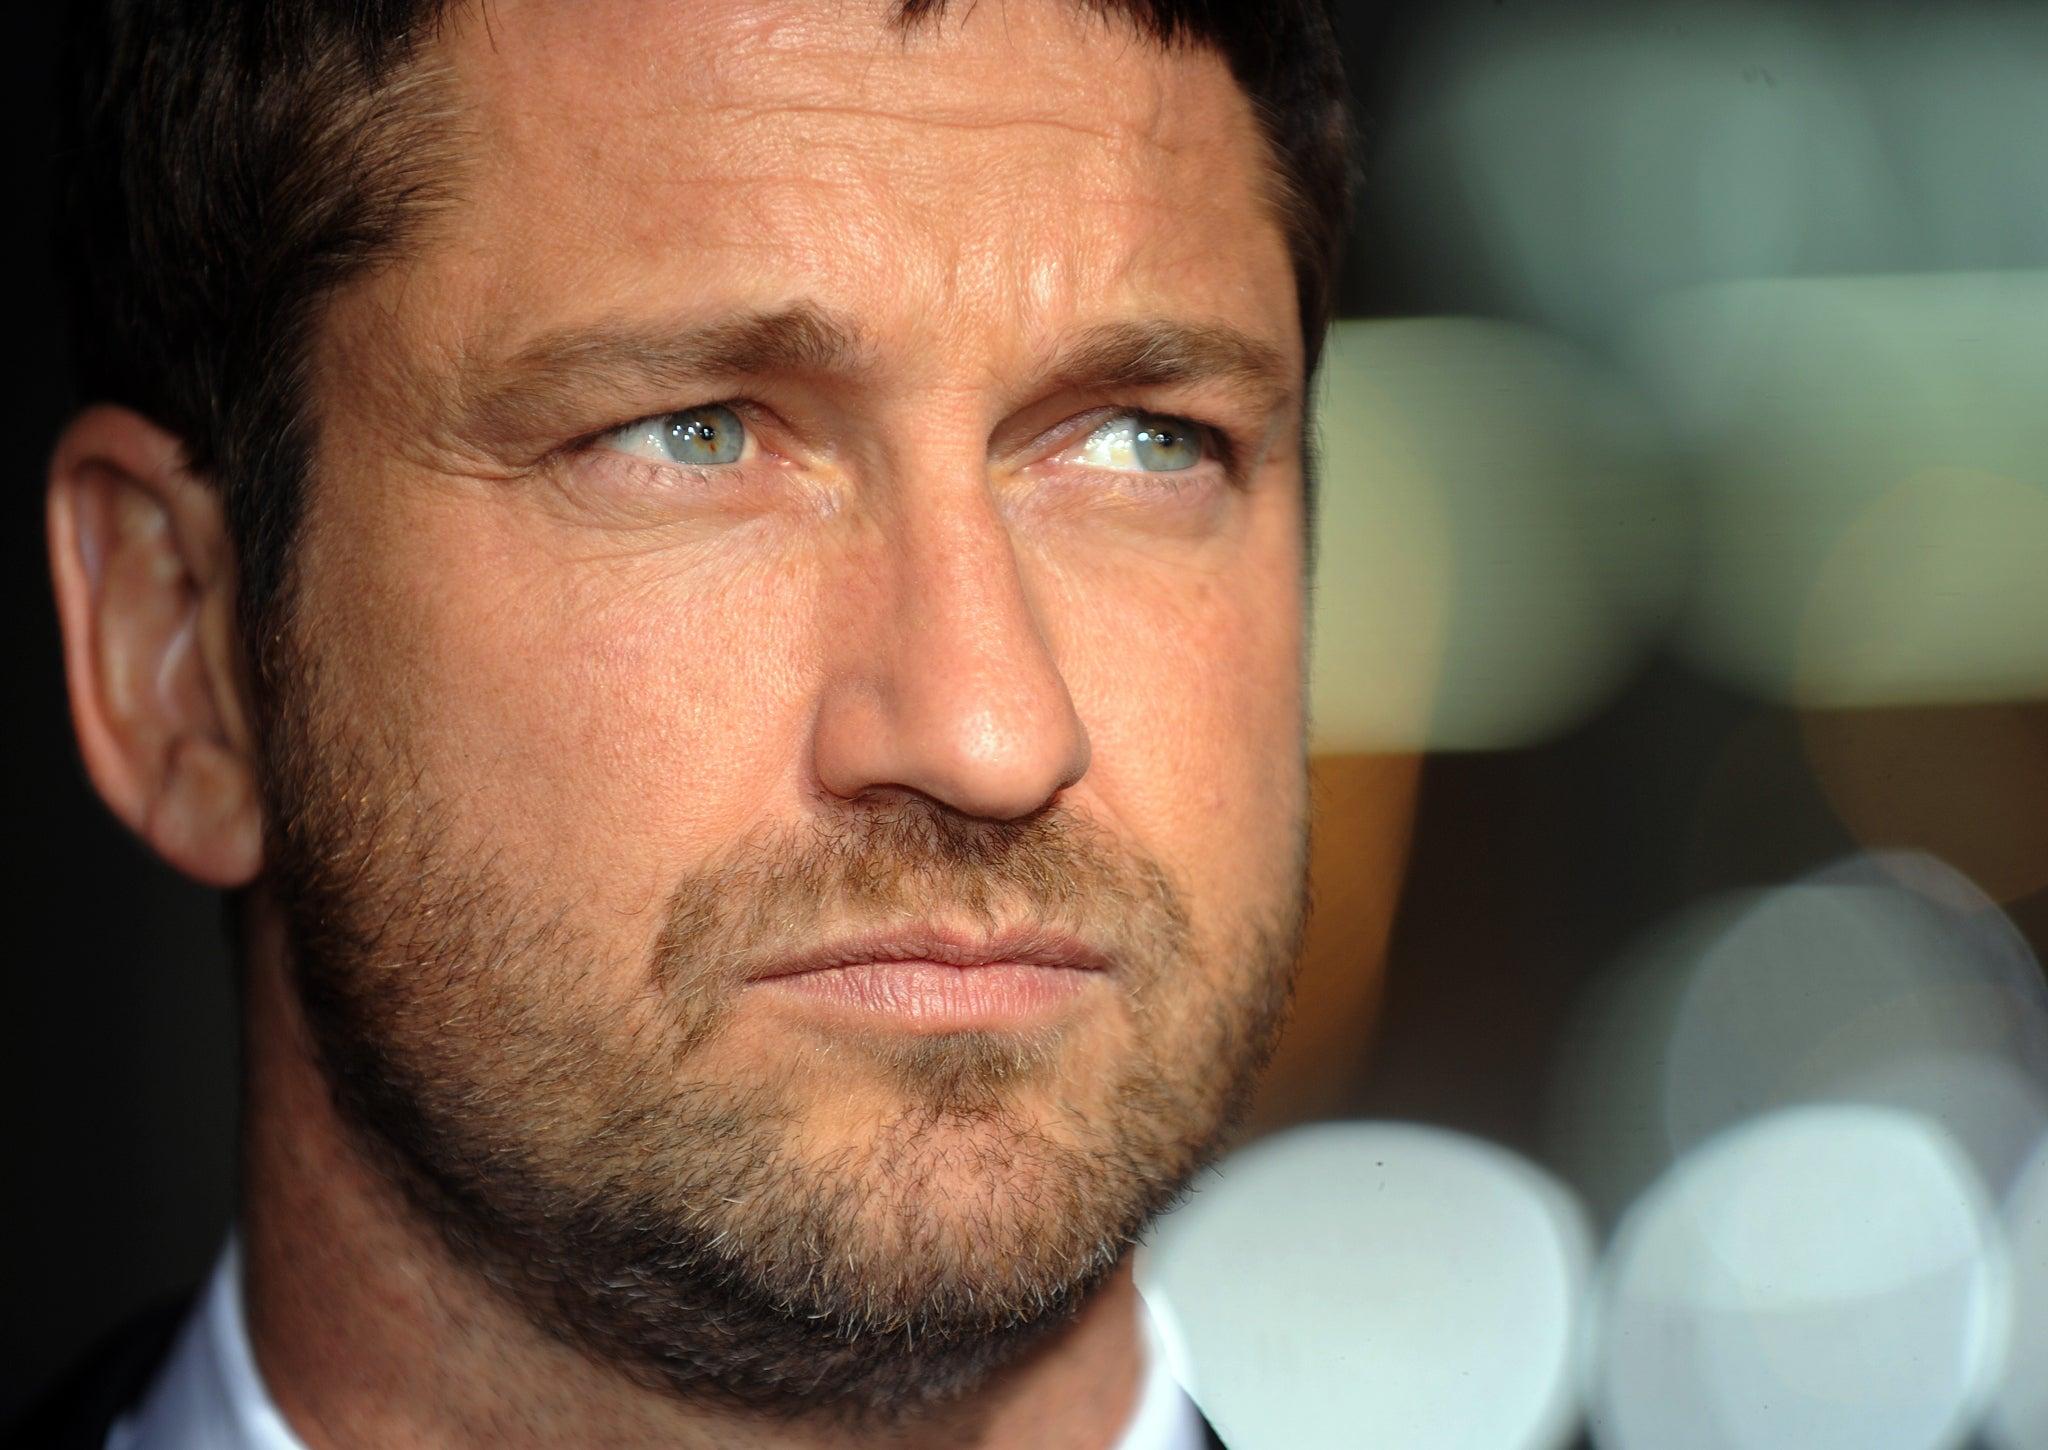 Gerard Butler to star in Point Break remake? | The Independent Gerard Butler